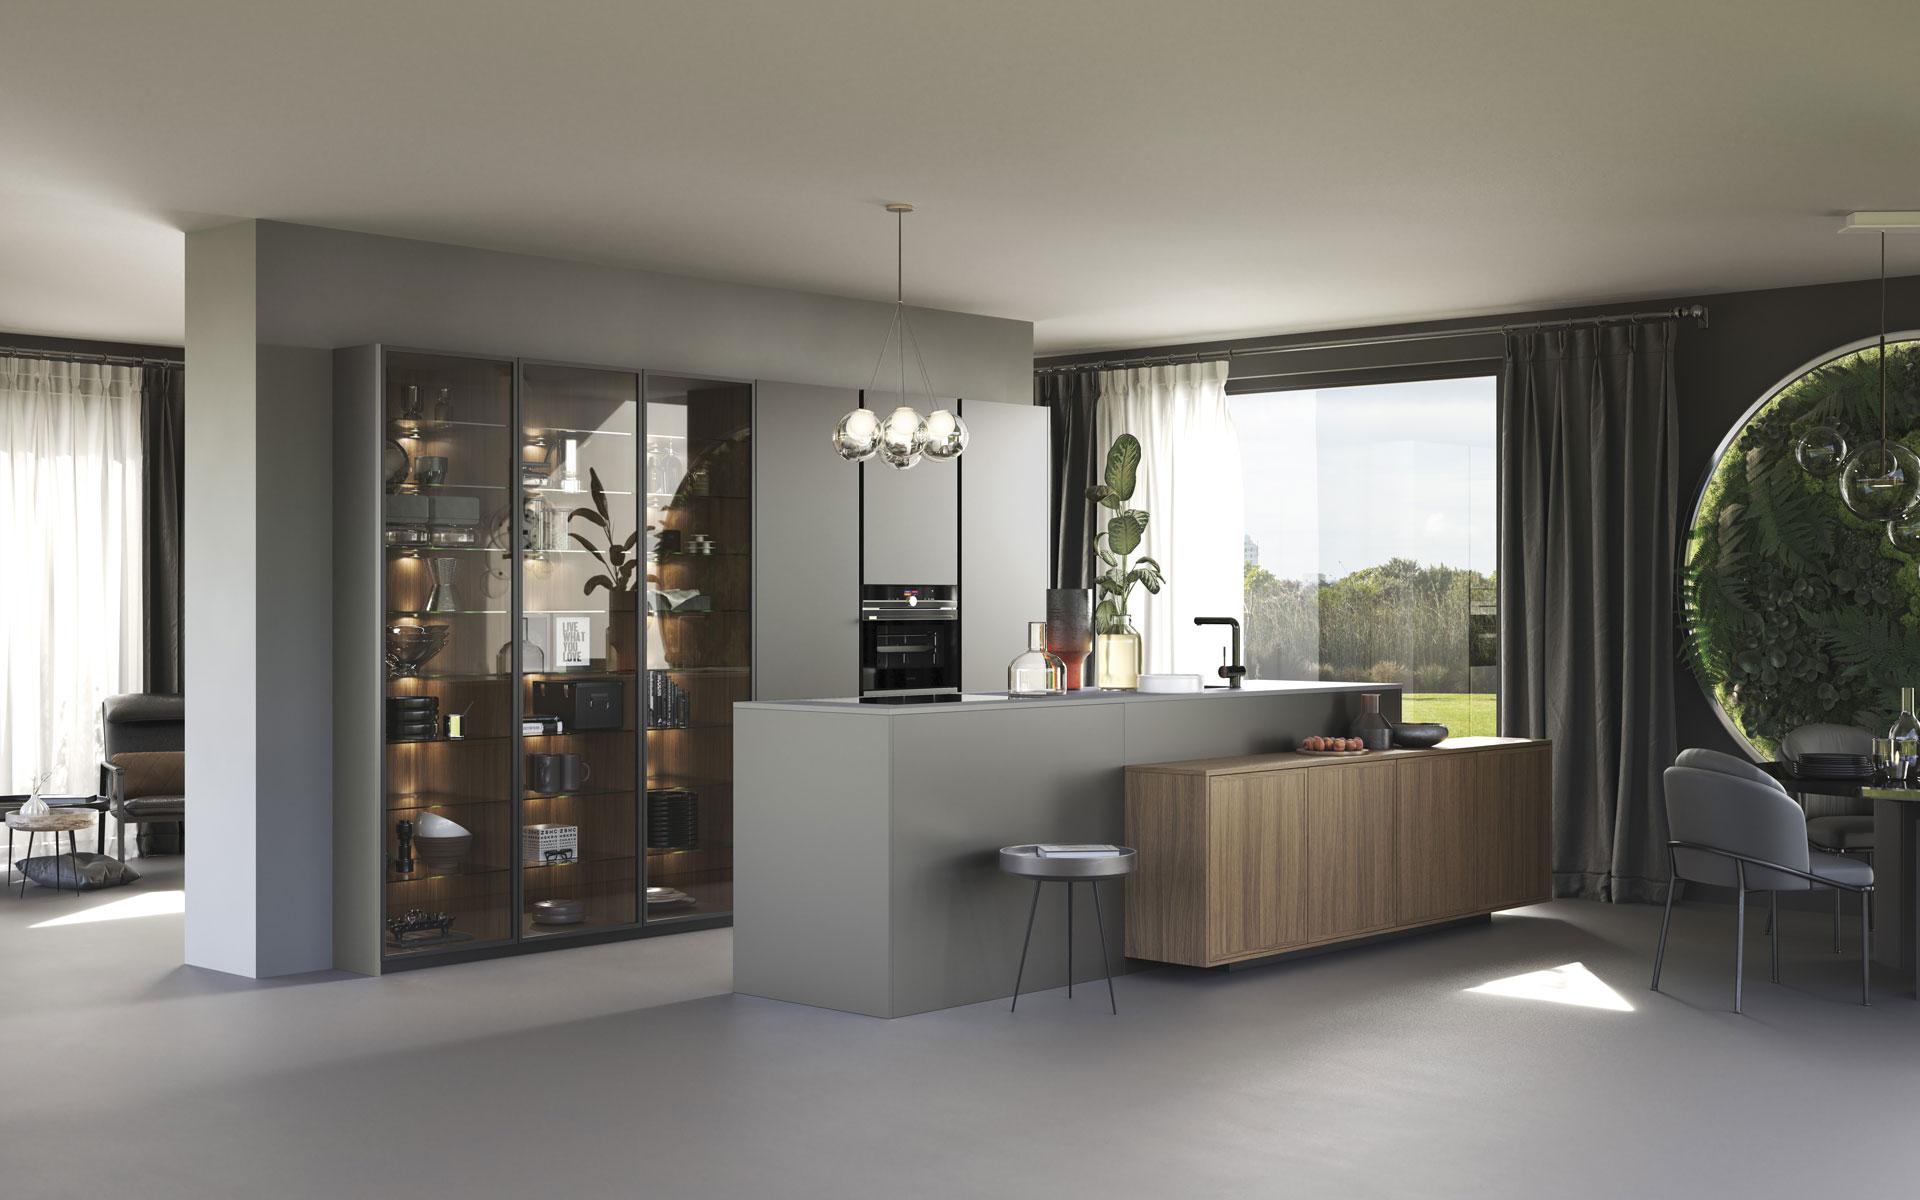 k chendesign fontaine k che auf den punkt gebracht neuheiten. Black Bedroom Furniture Sets. Home Design Ideas